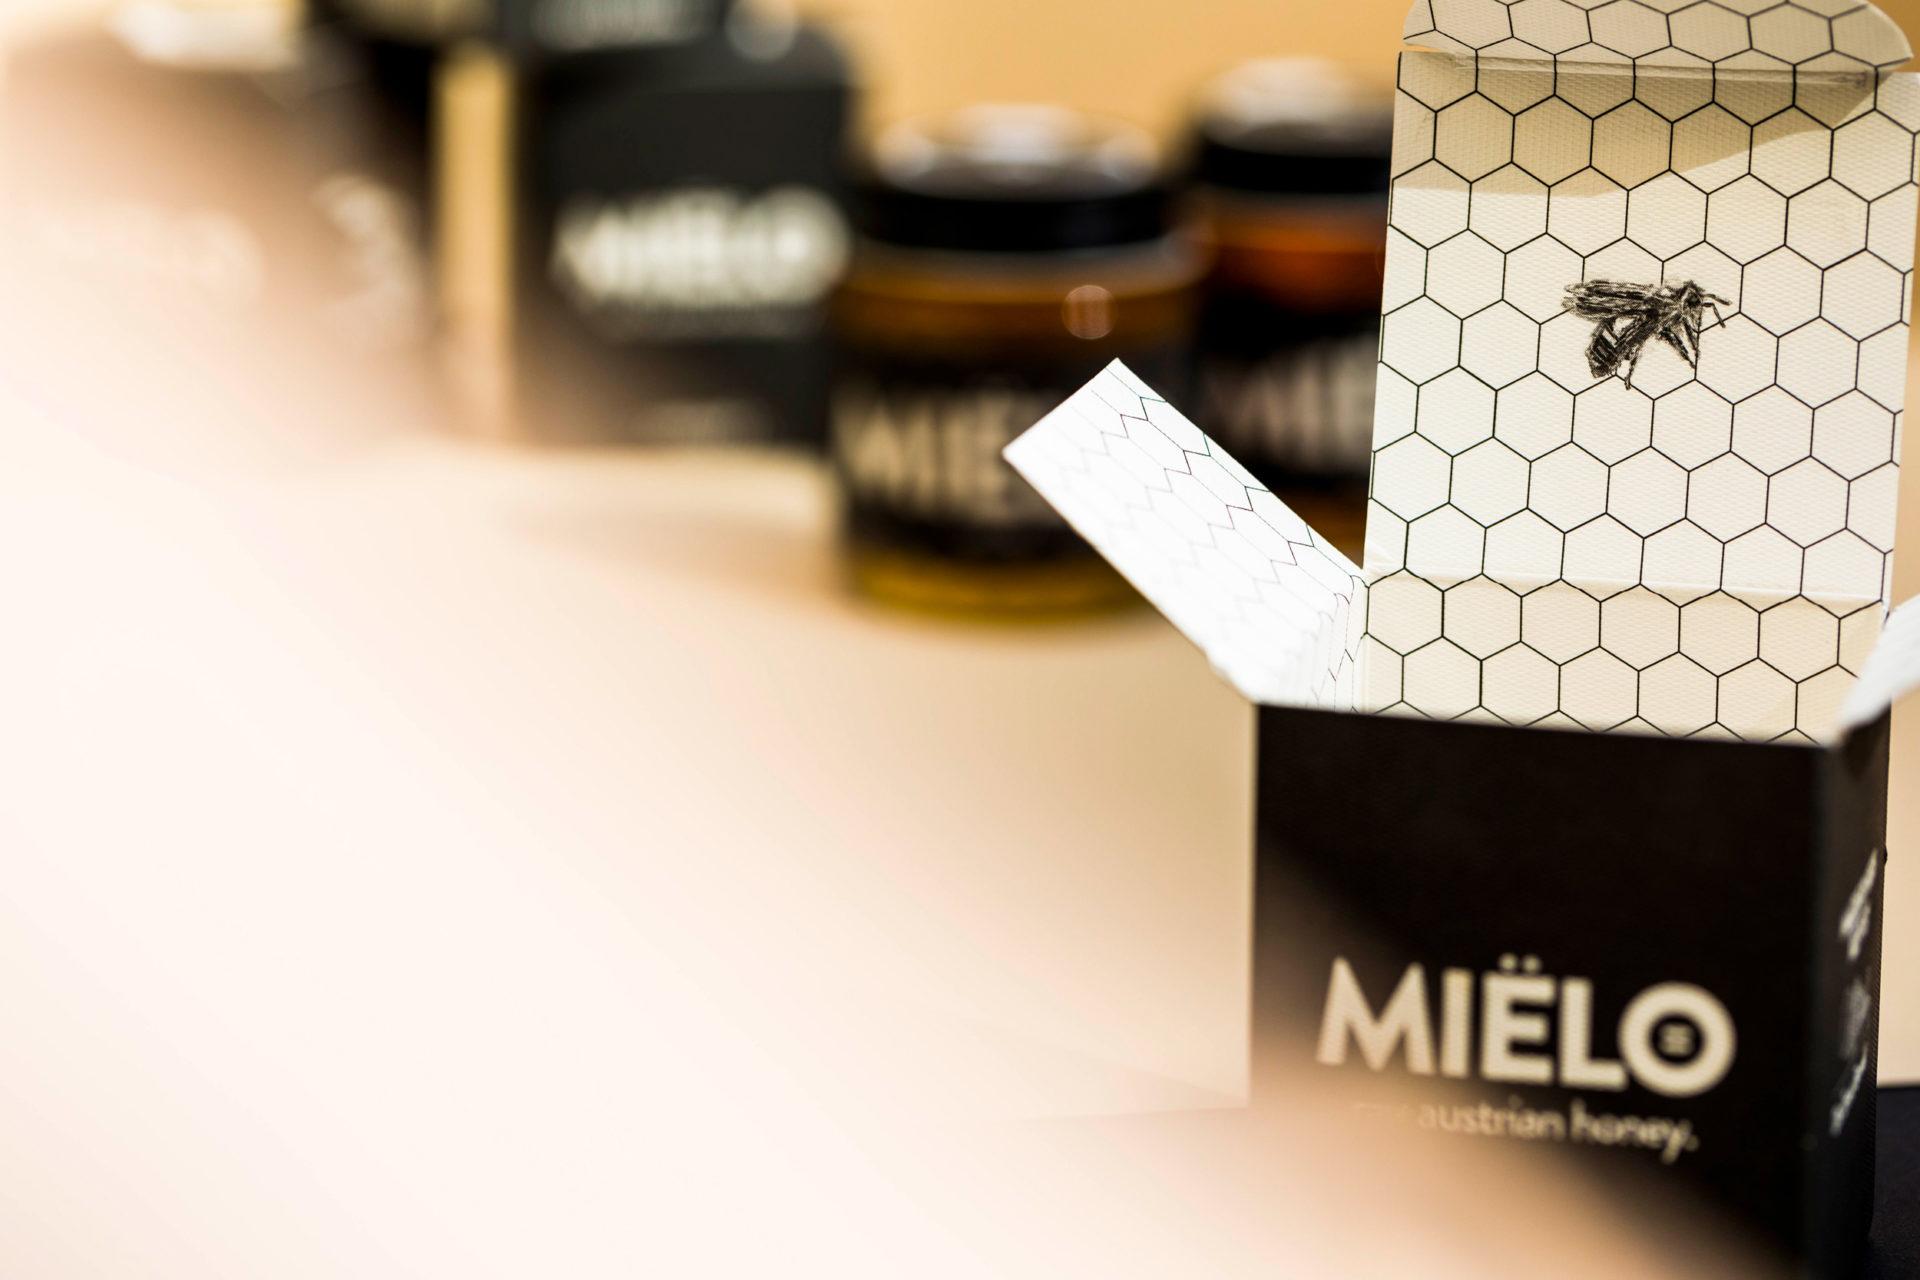 VALENCE MIELO Branding 03